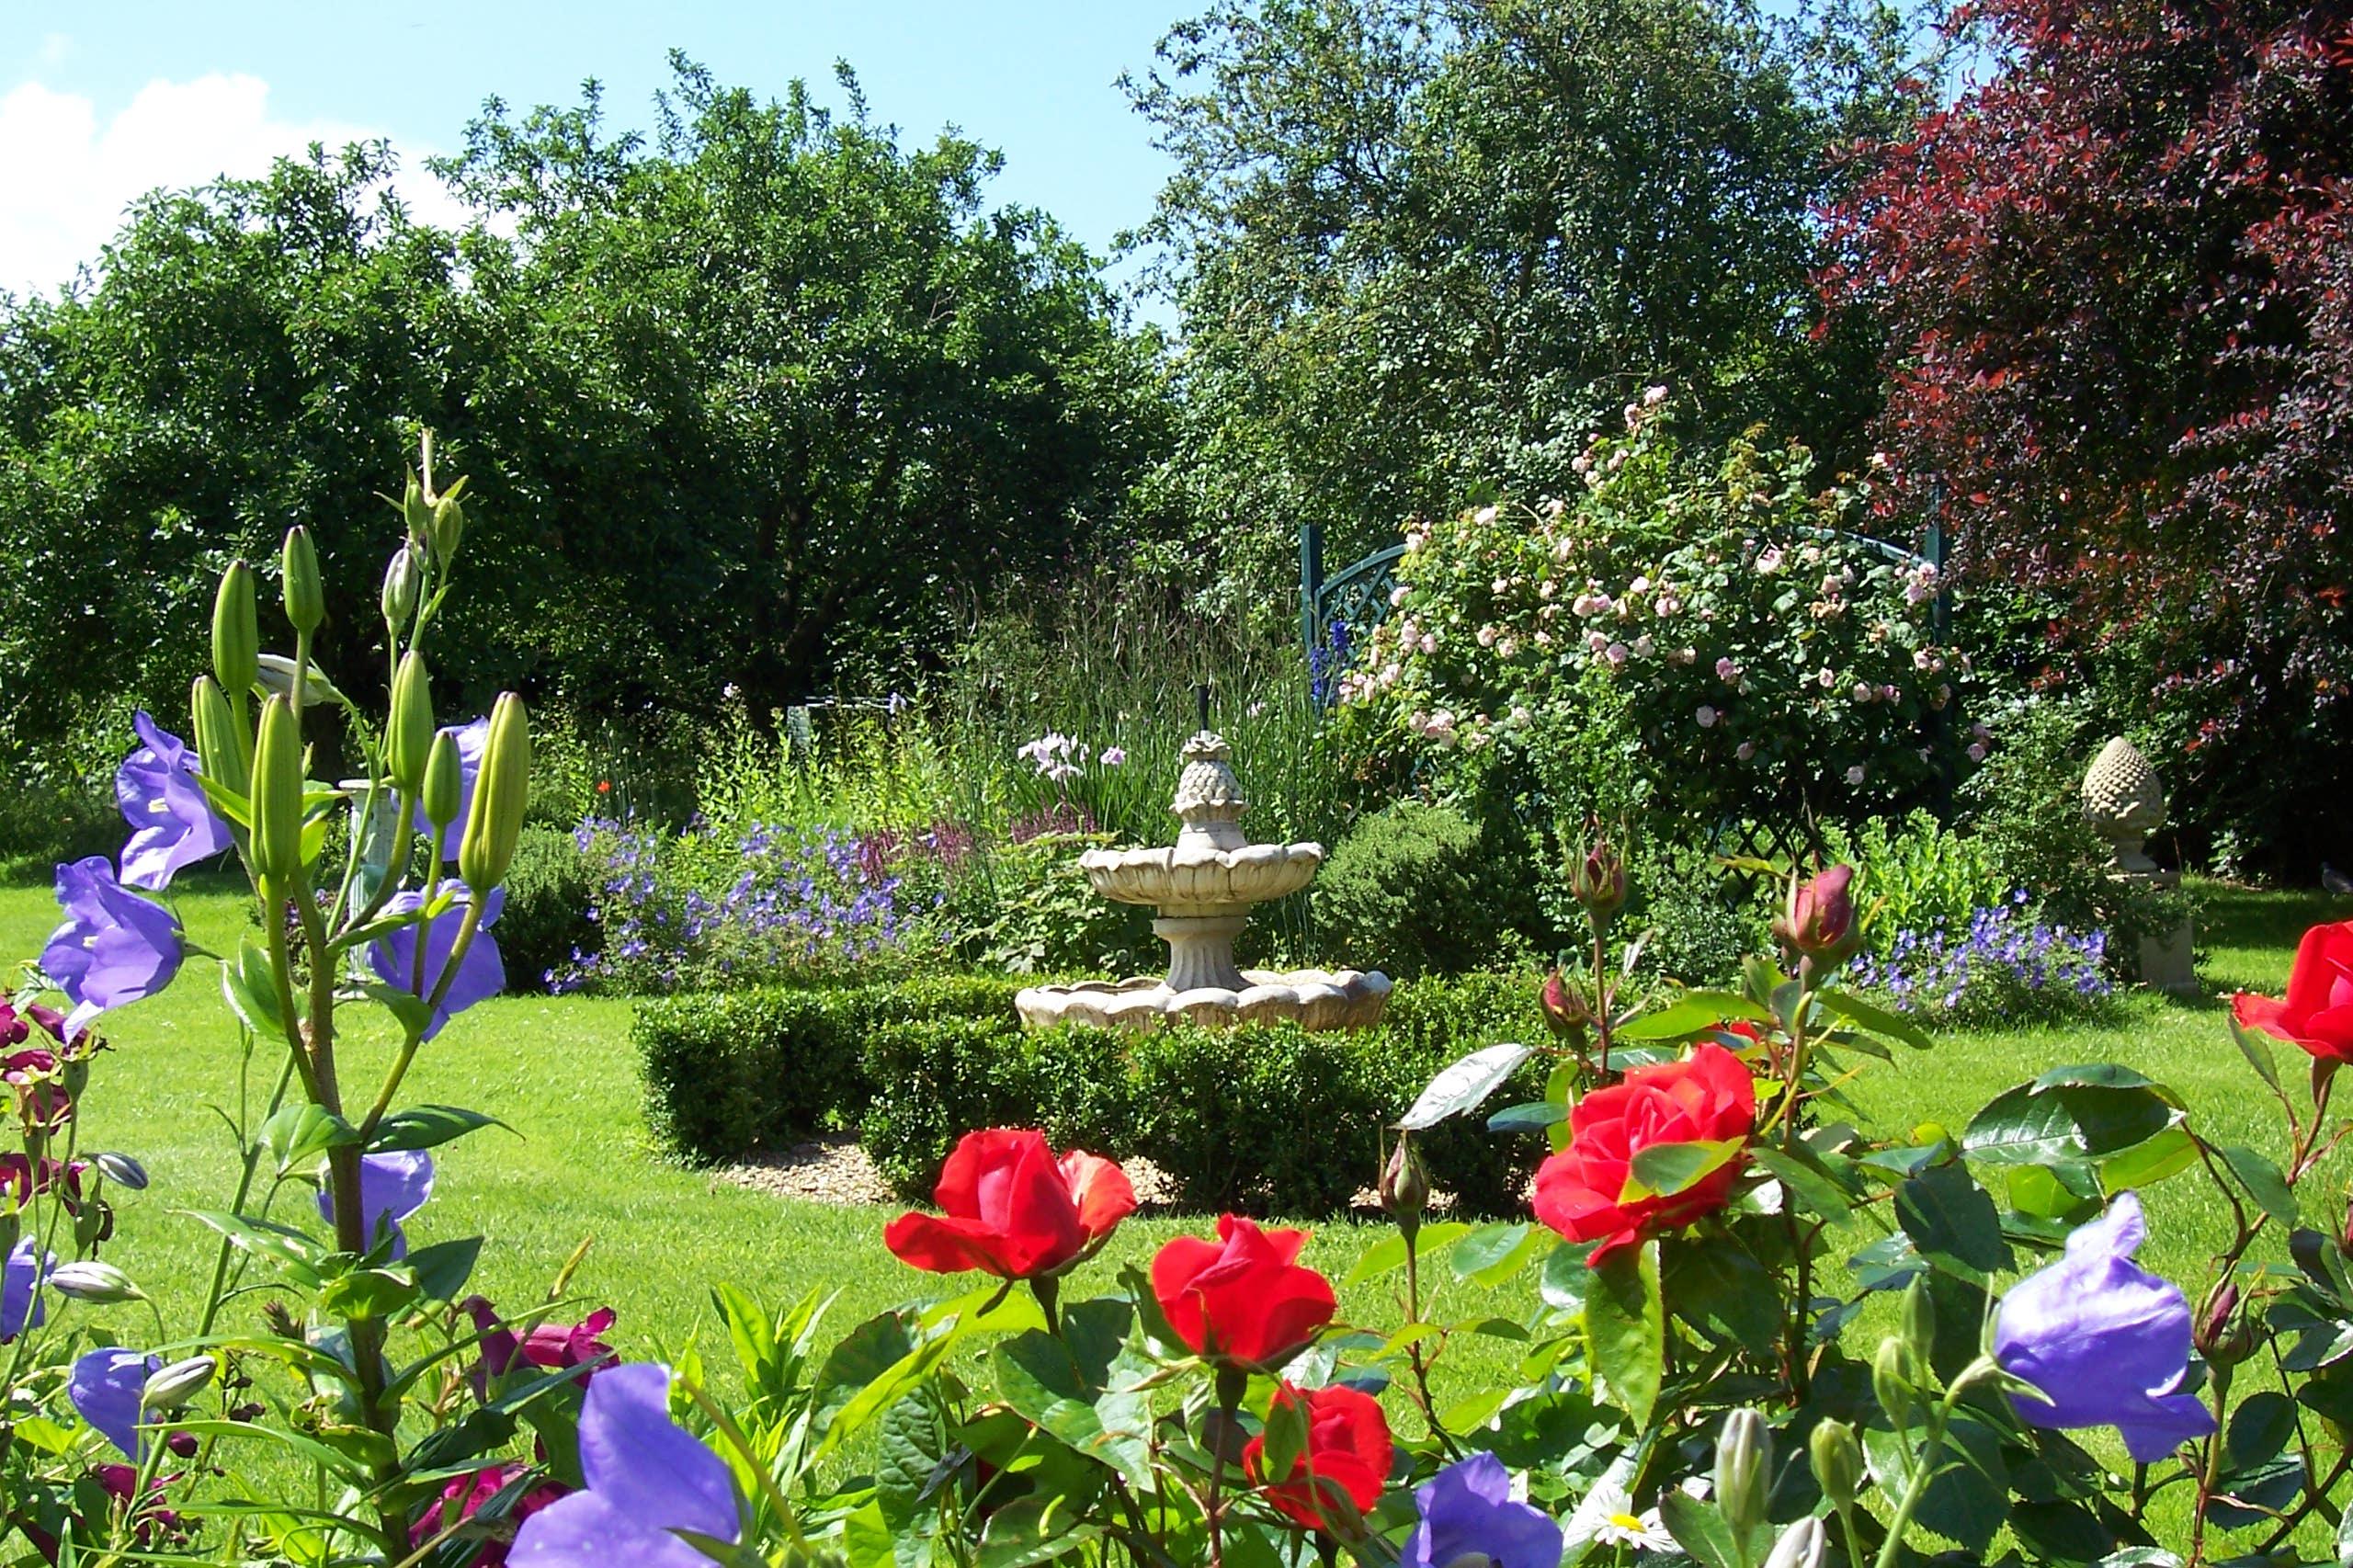 Seeing red in the garden jardin for Poner piedras en el jardin